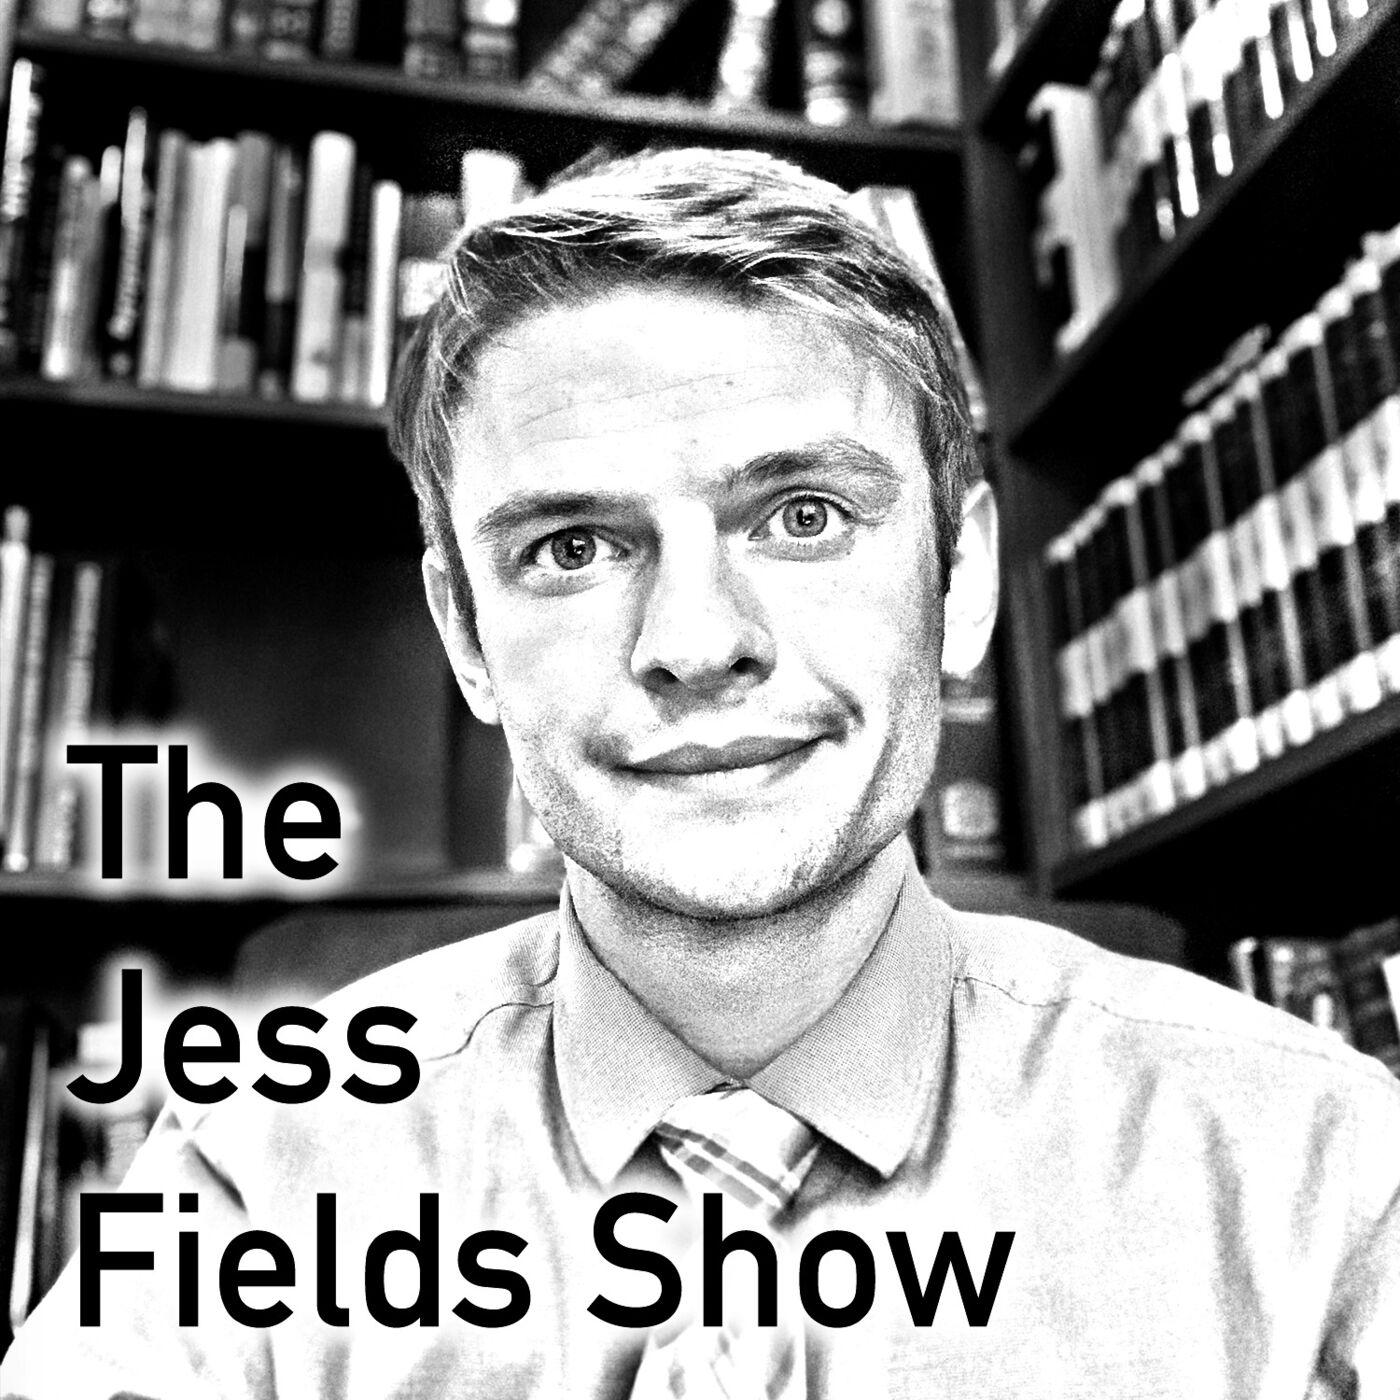 The Jess Fields Show